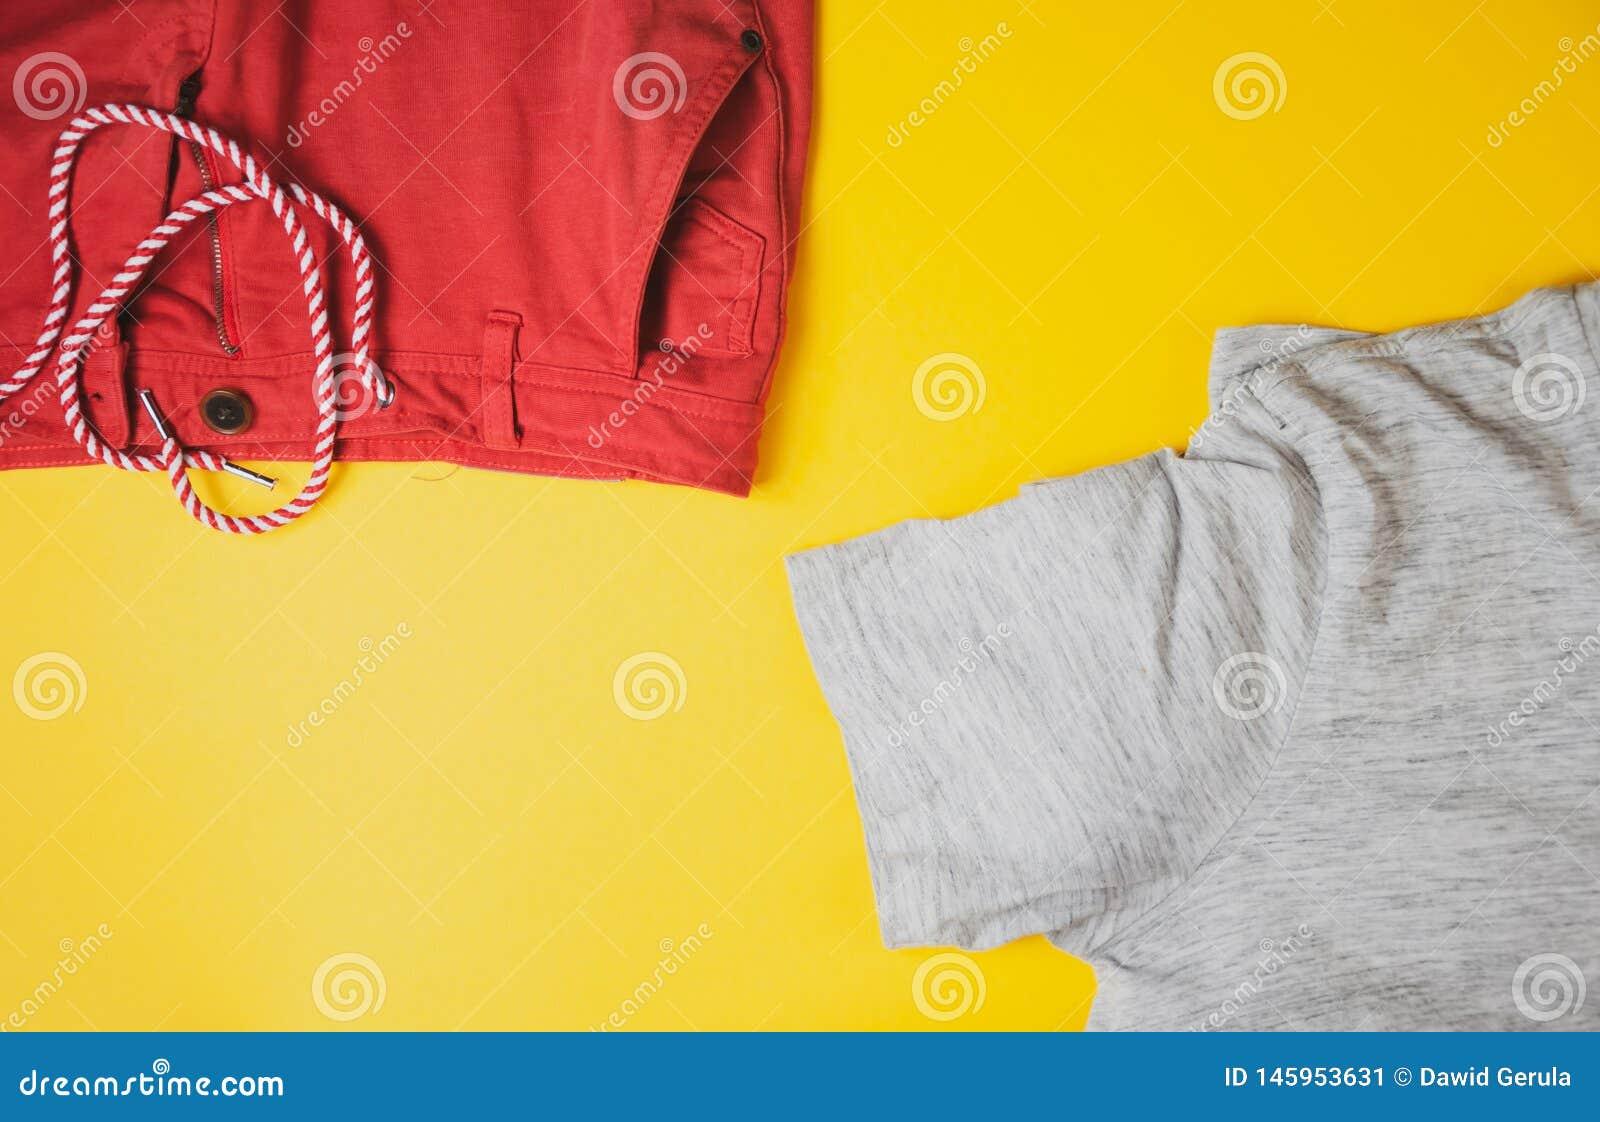 Γκρίζα μπλούζα και κόκκινα σορτς στο κίτρινο υπόβαθρο, άποψη από την κορυφή